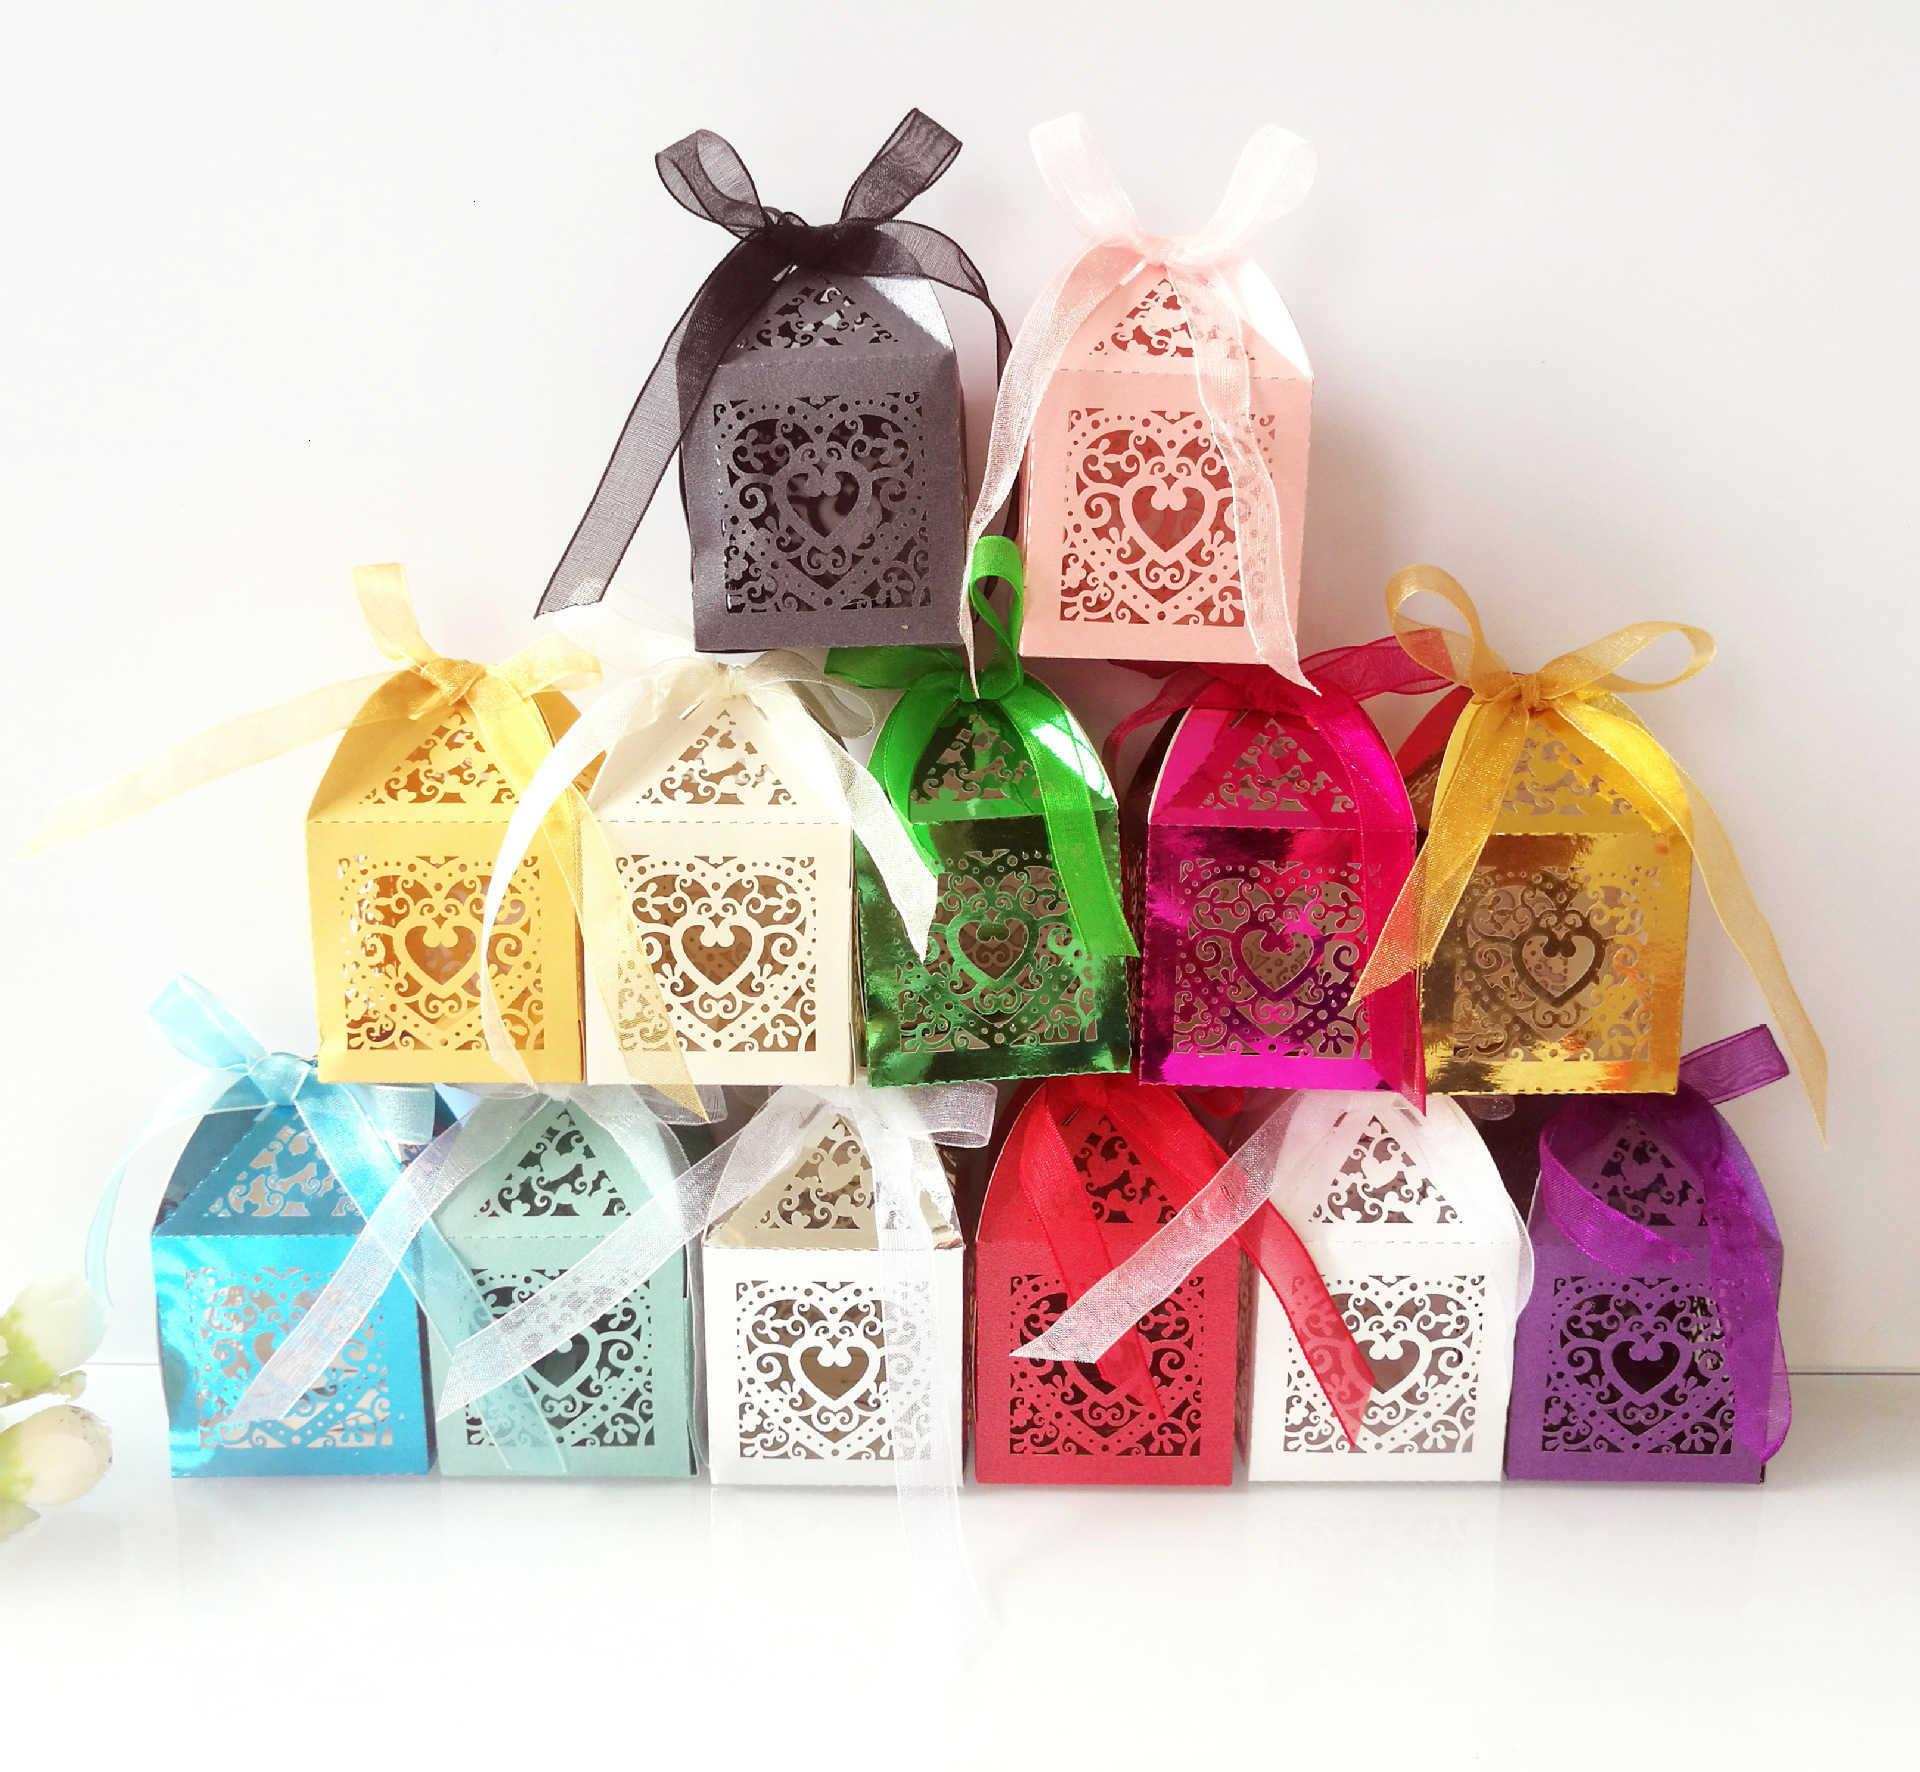 100 PC-Geschenk-Kasten-Baby-Duschen-Süßigkeit-Kaste Papierverpackungen zu Sachets Kartonagen Bonbonniere Goodie Bags SH190920